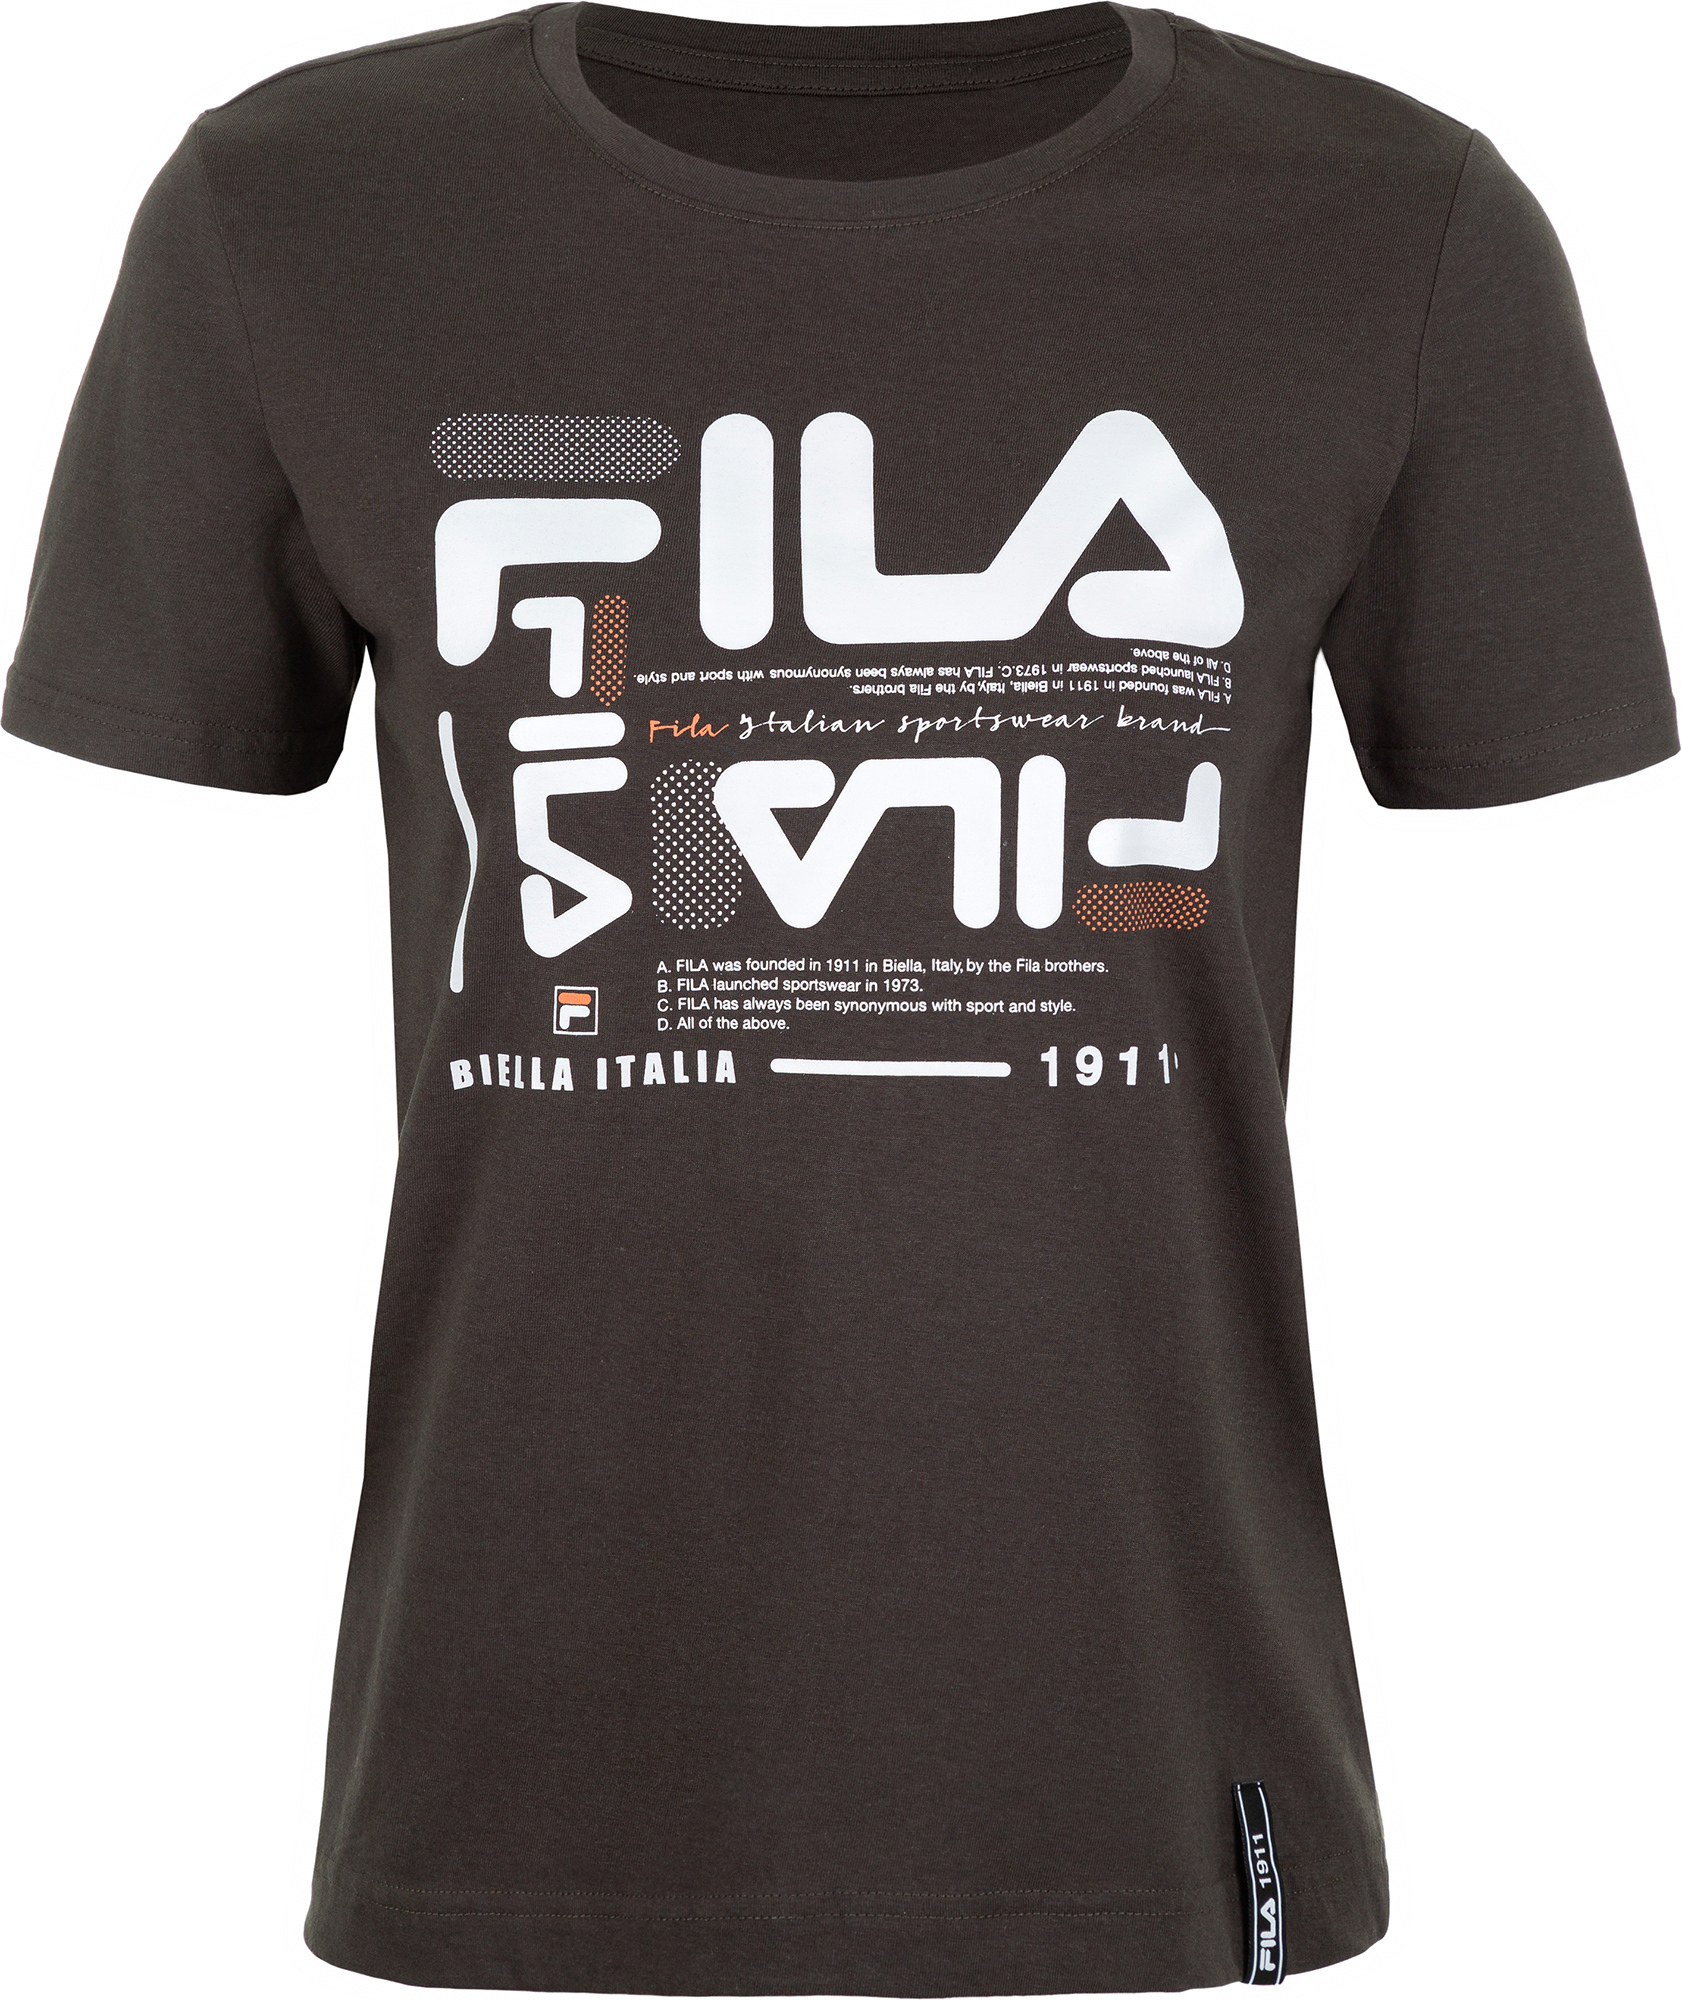 футболка женская oodji ultra цвет бежево розовый 14701005 7b 46147 4b00n размер s 44 Fila Футболка женская Fila, размер 44